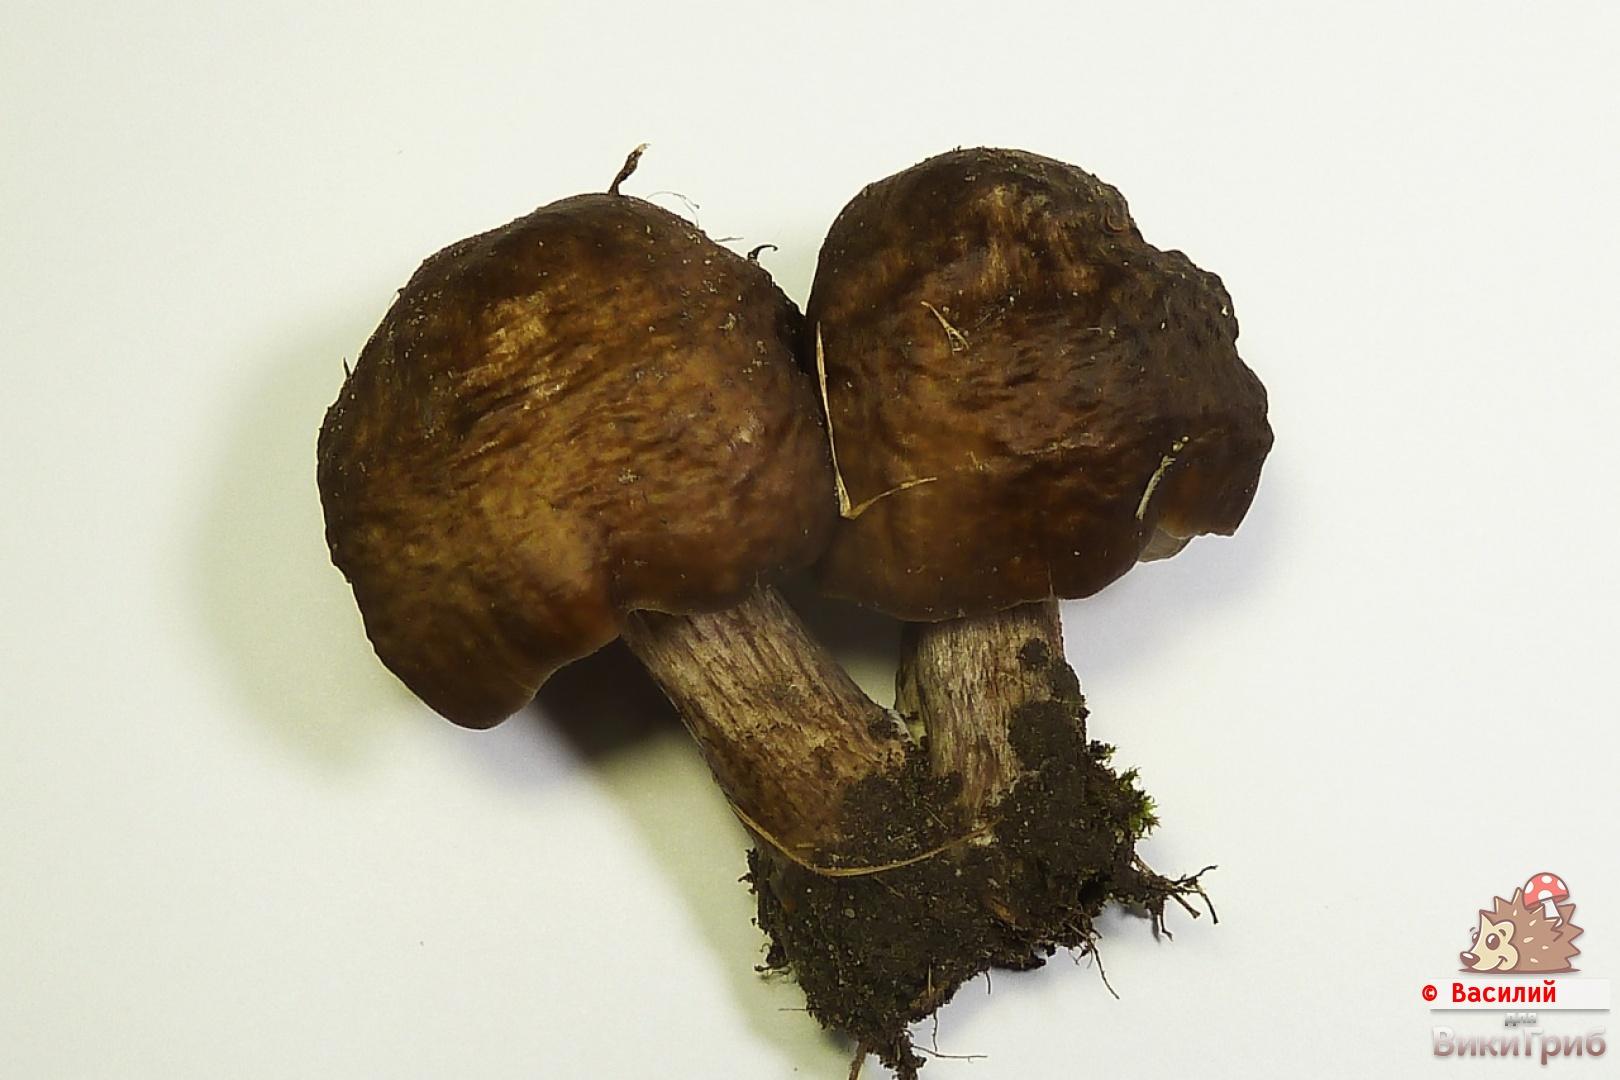 Pluteus cervinus - Олений гриб